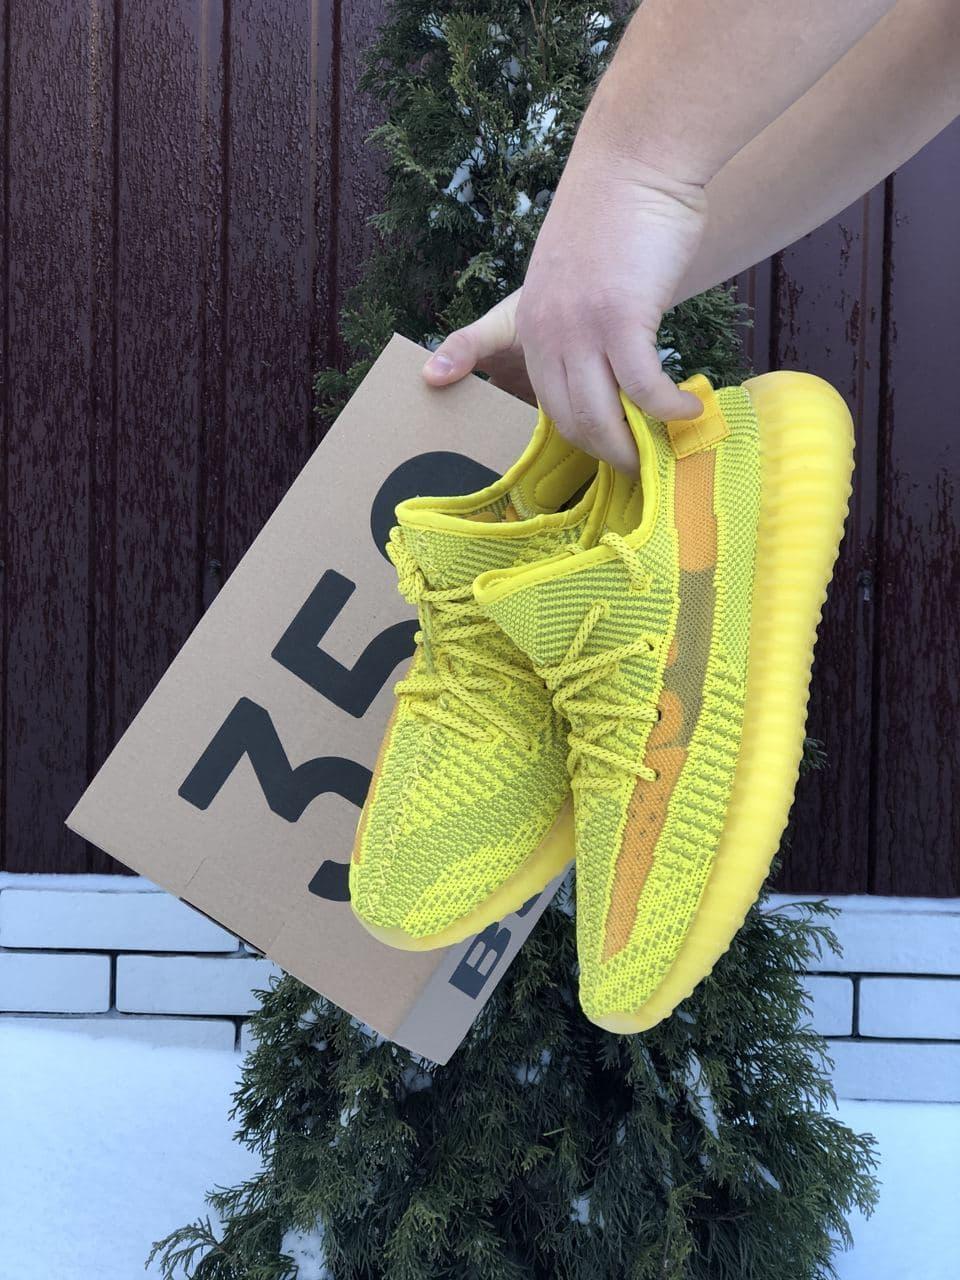 Кроссовки Yeezy Boost 350 v2 желтые 41-45